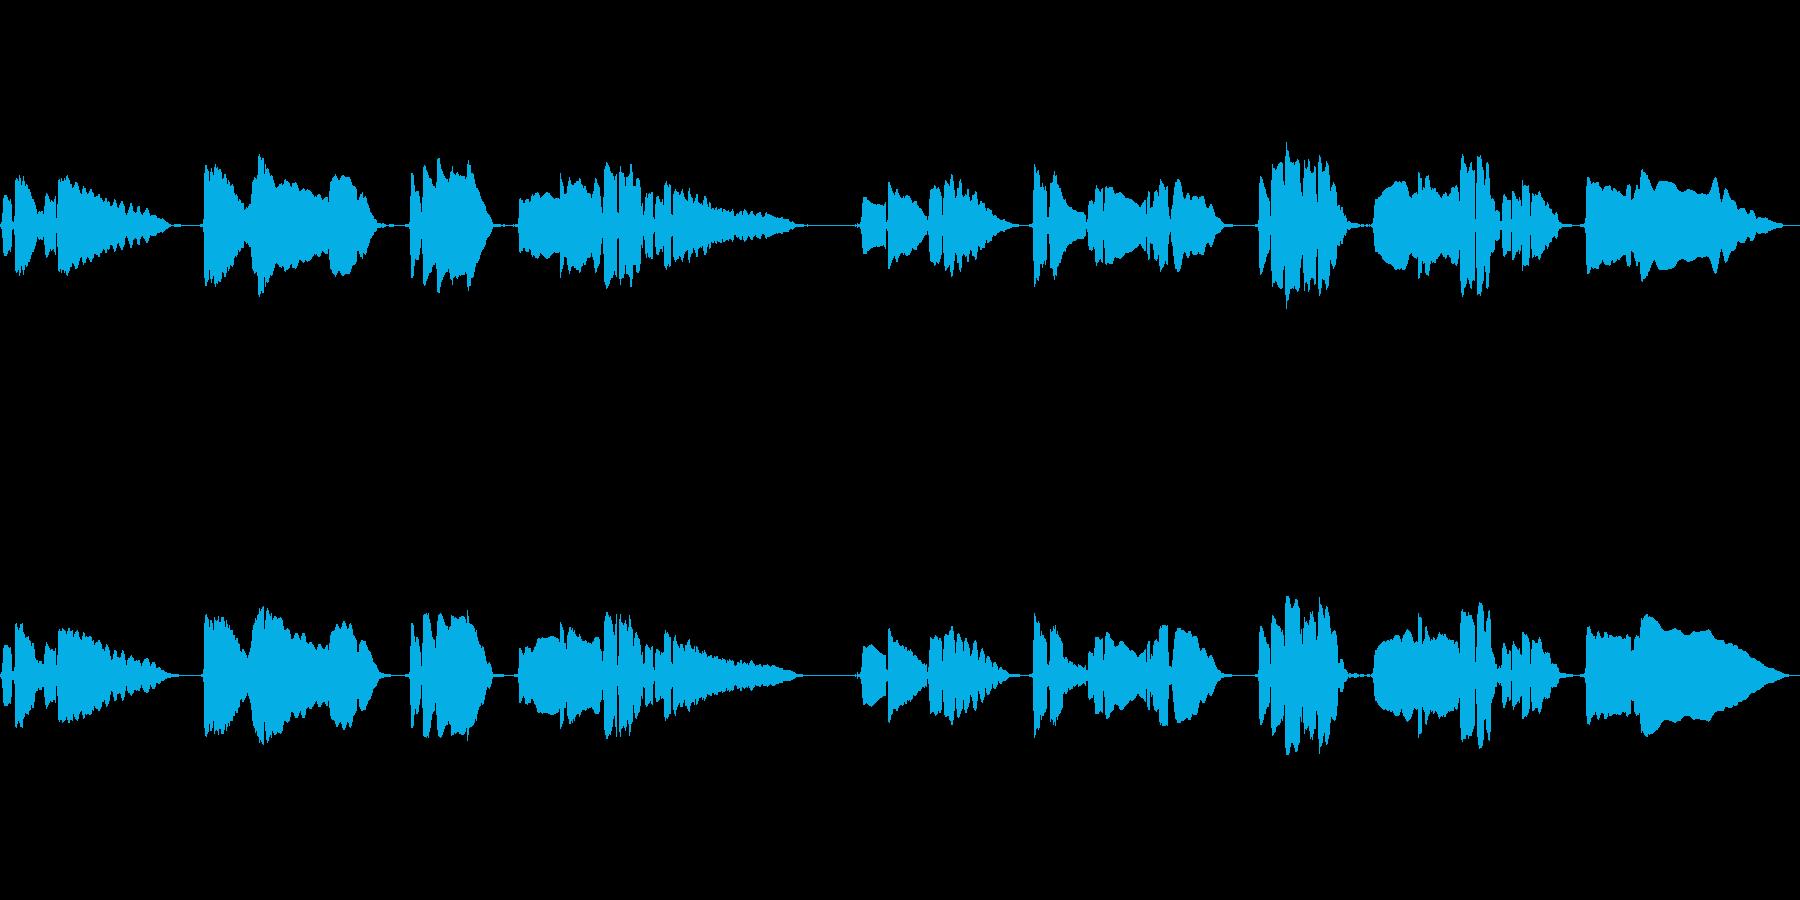 サックス音が胸に刺さる曲の再生済みの波形